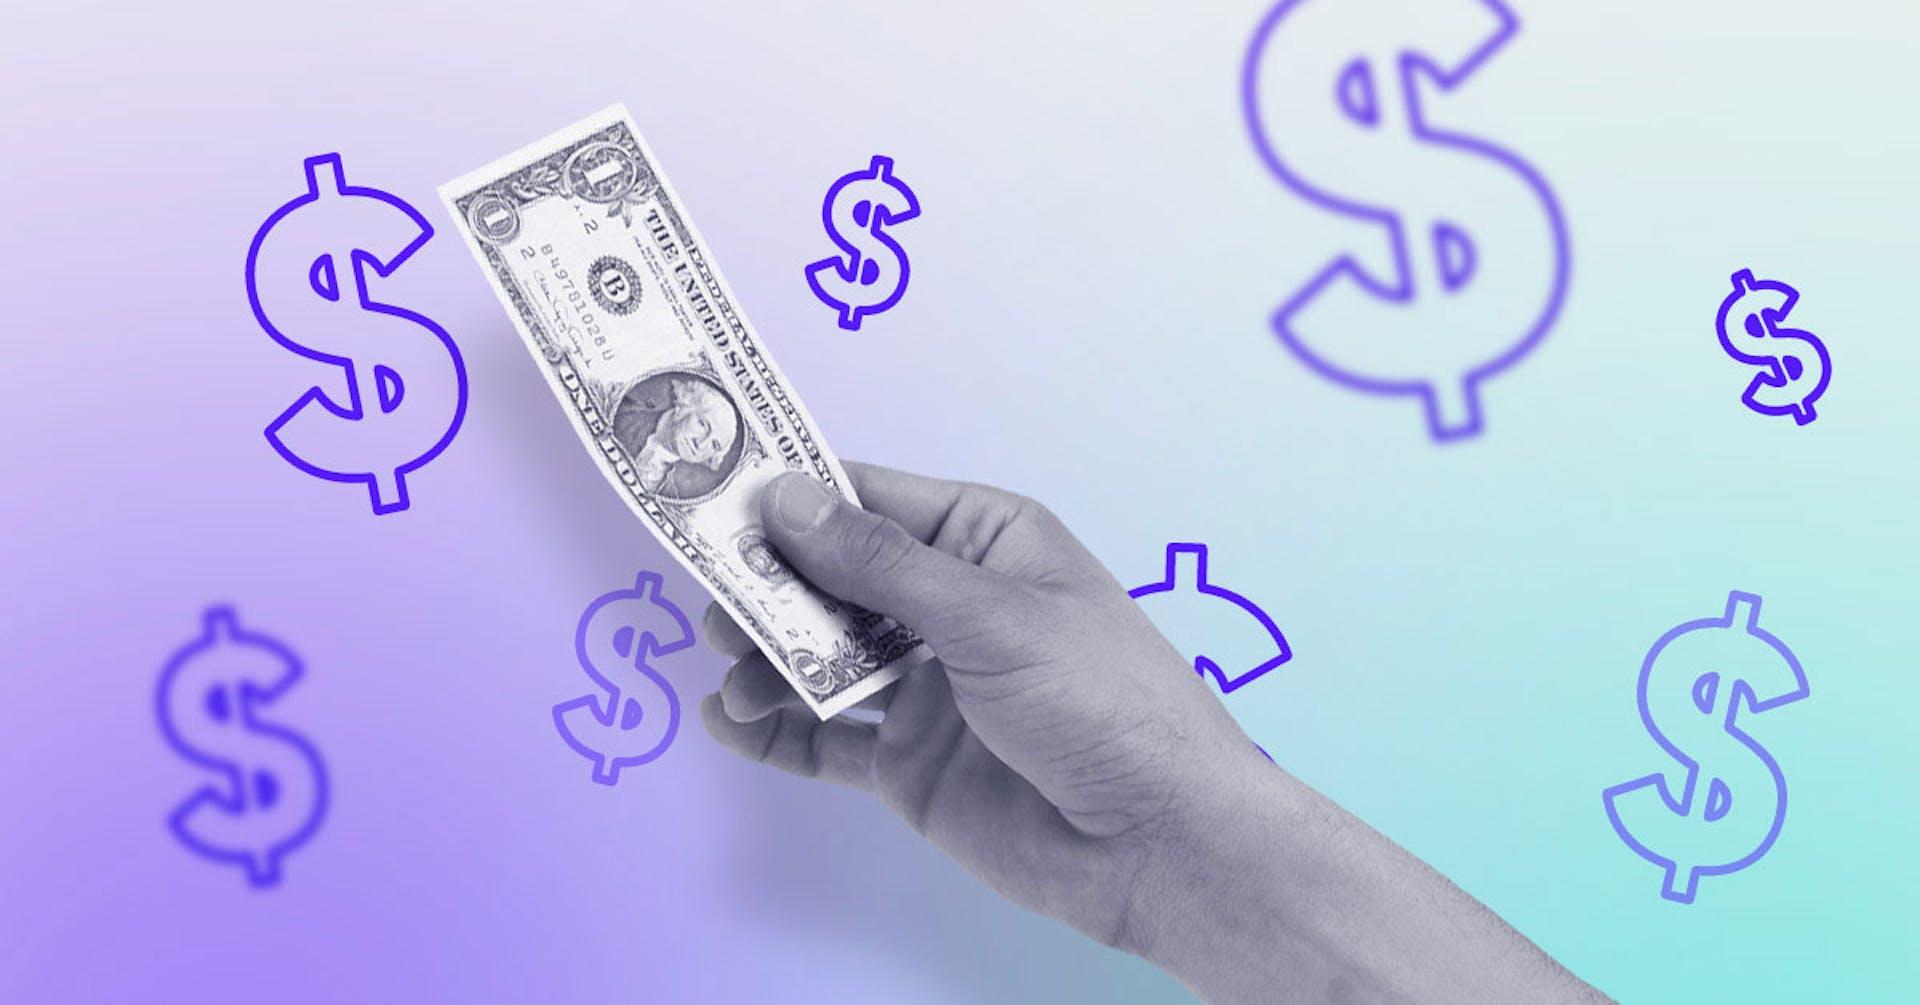 ¿Cómo ganar en dólares por Internet? +10 maneras de aumentar tus ingresos desde casa